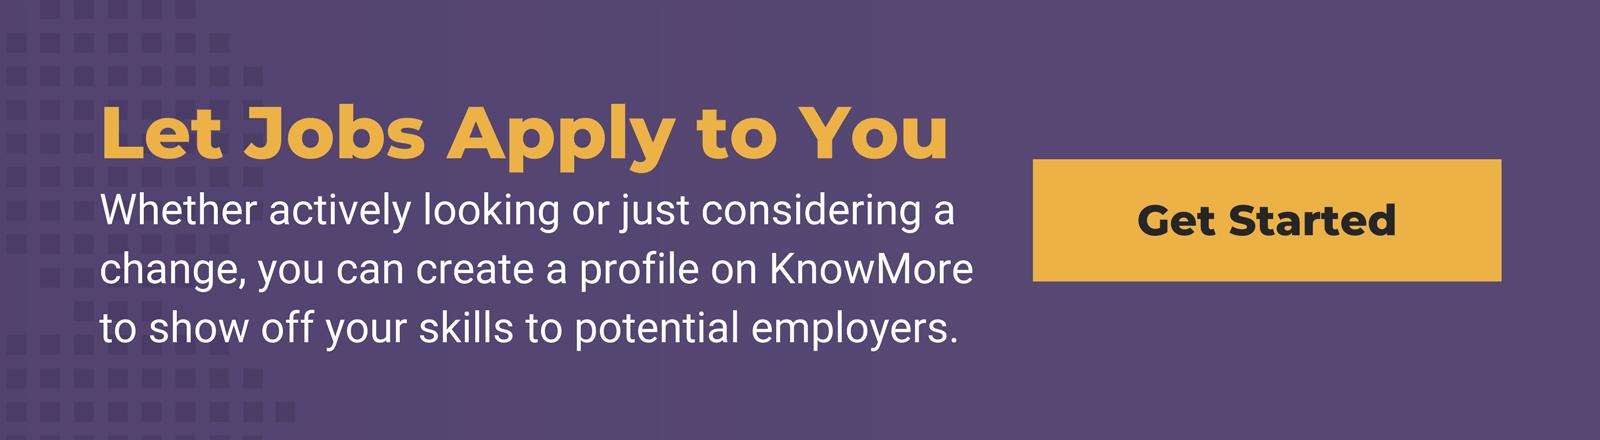 KnowMore create a profile